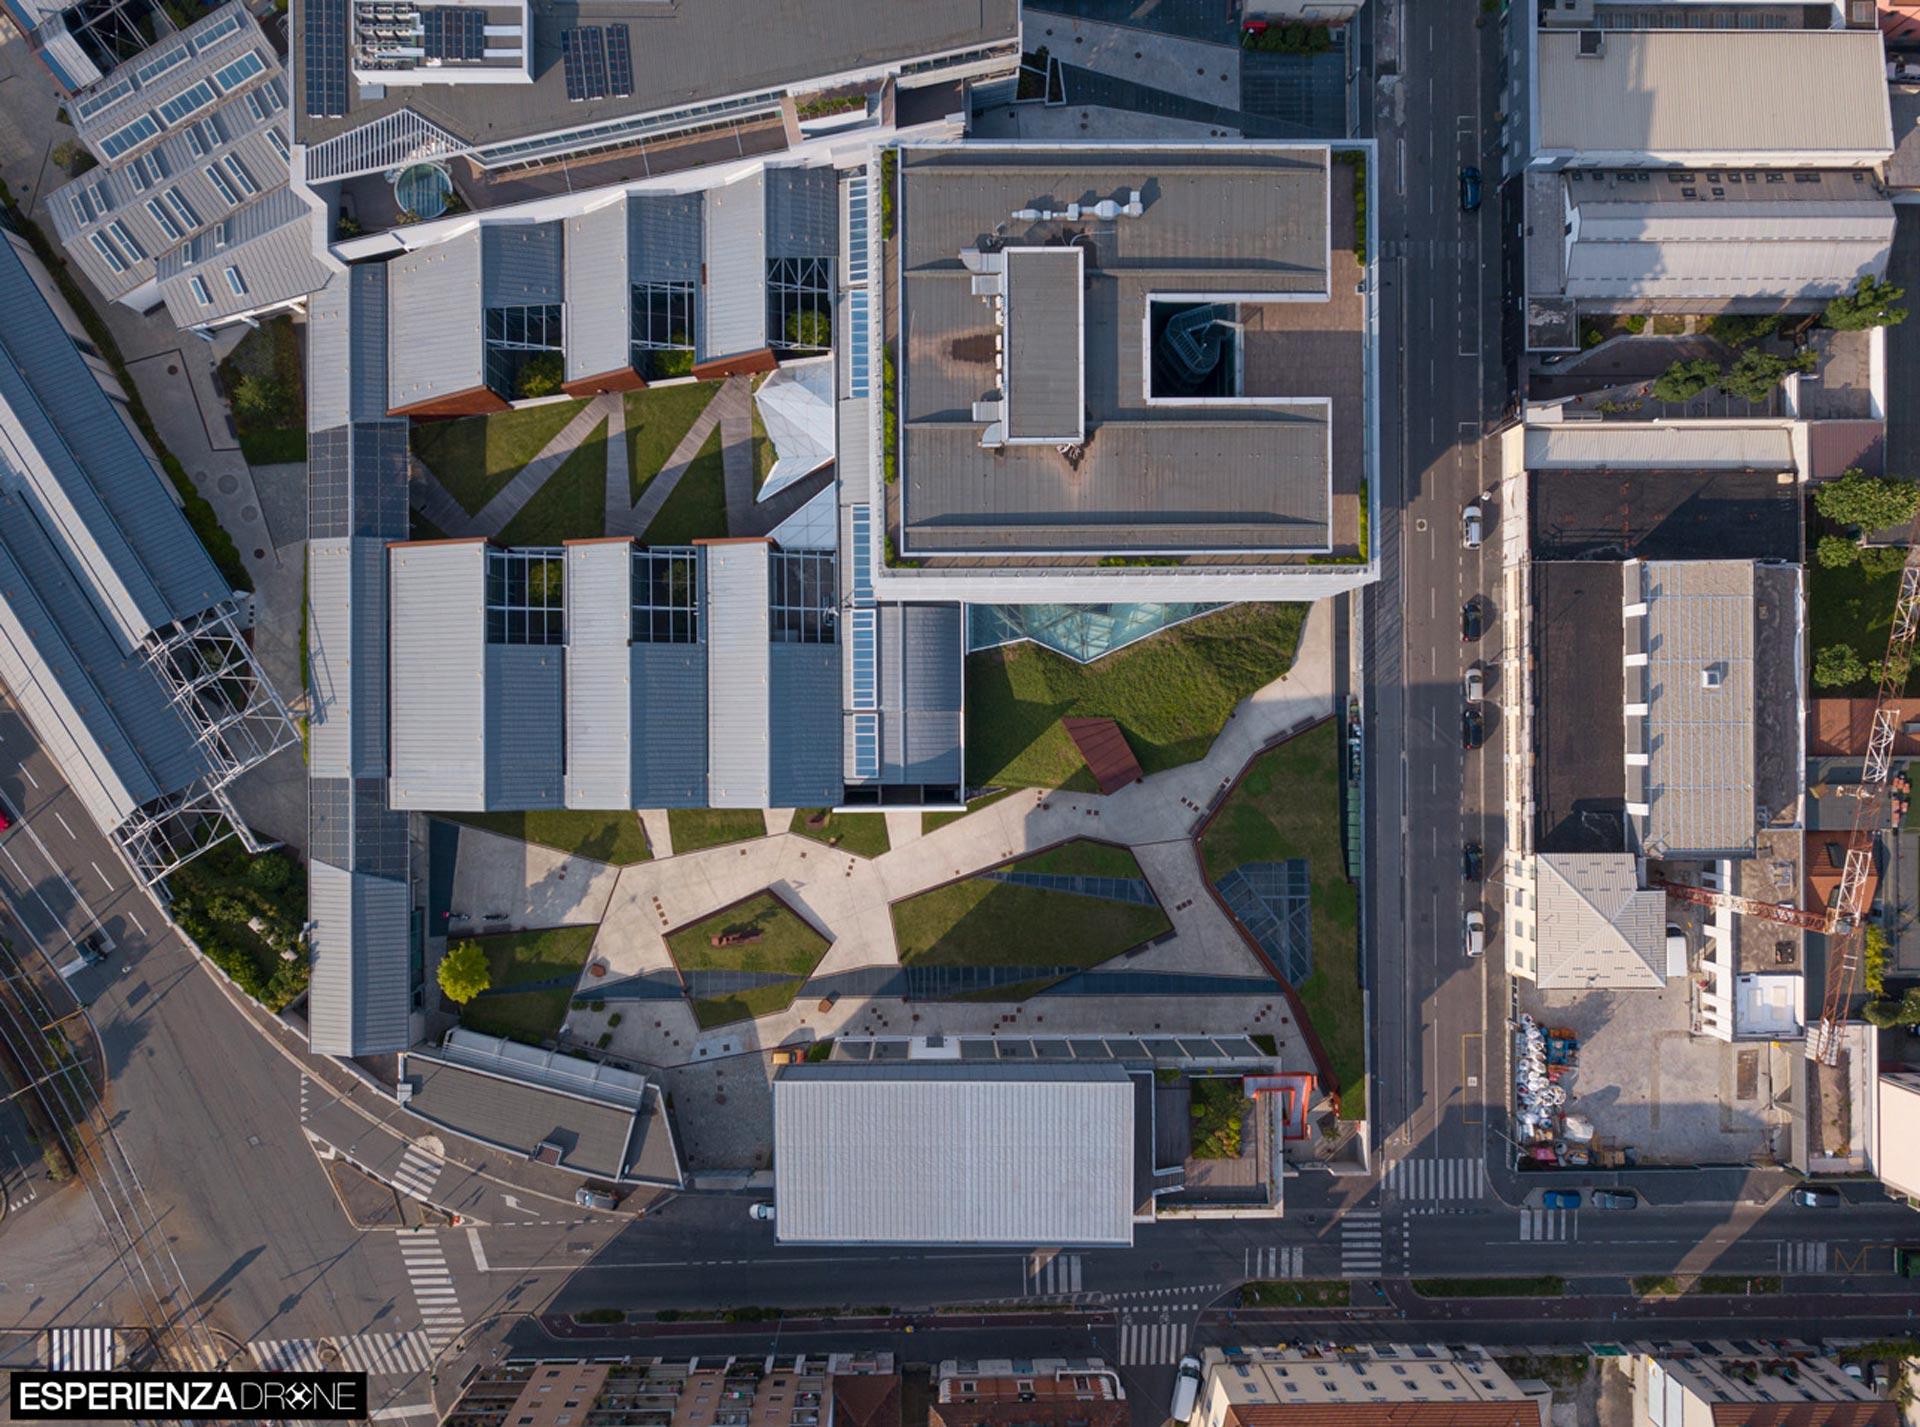 esperienza drone architettura fotografia aerea milano giuseppe tortato la forgiatura 09.jpg